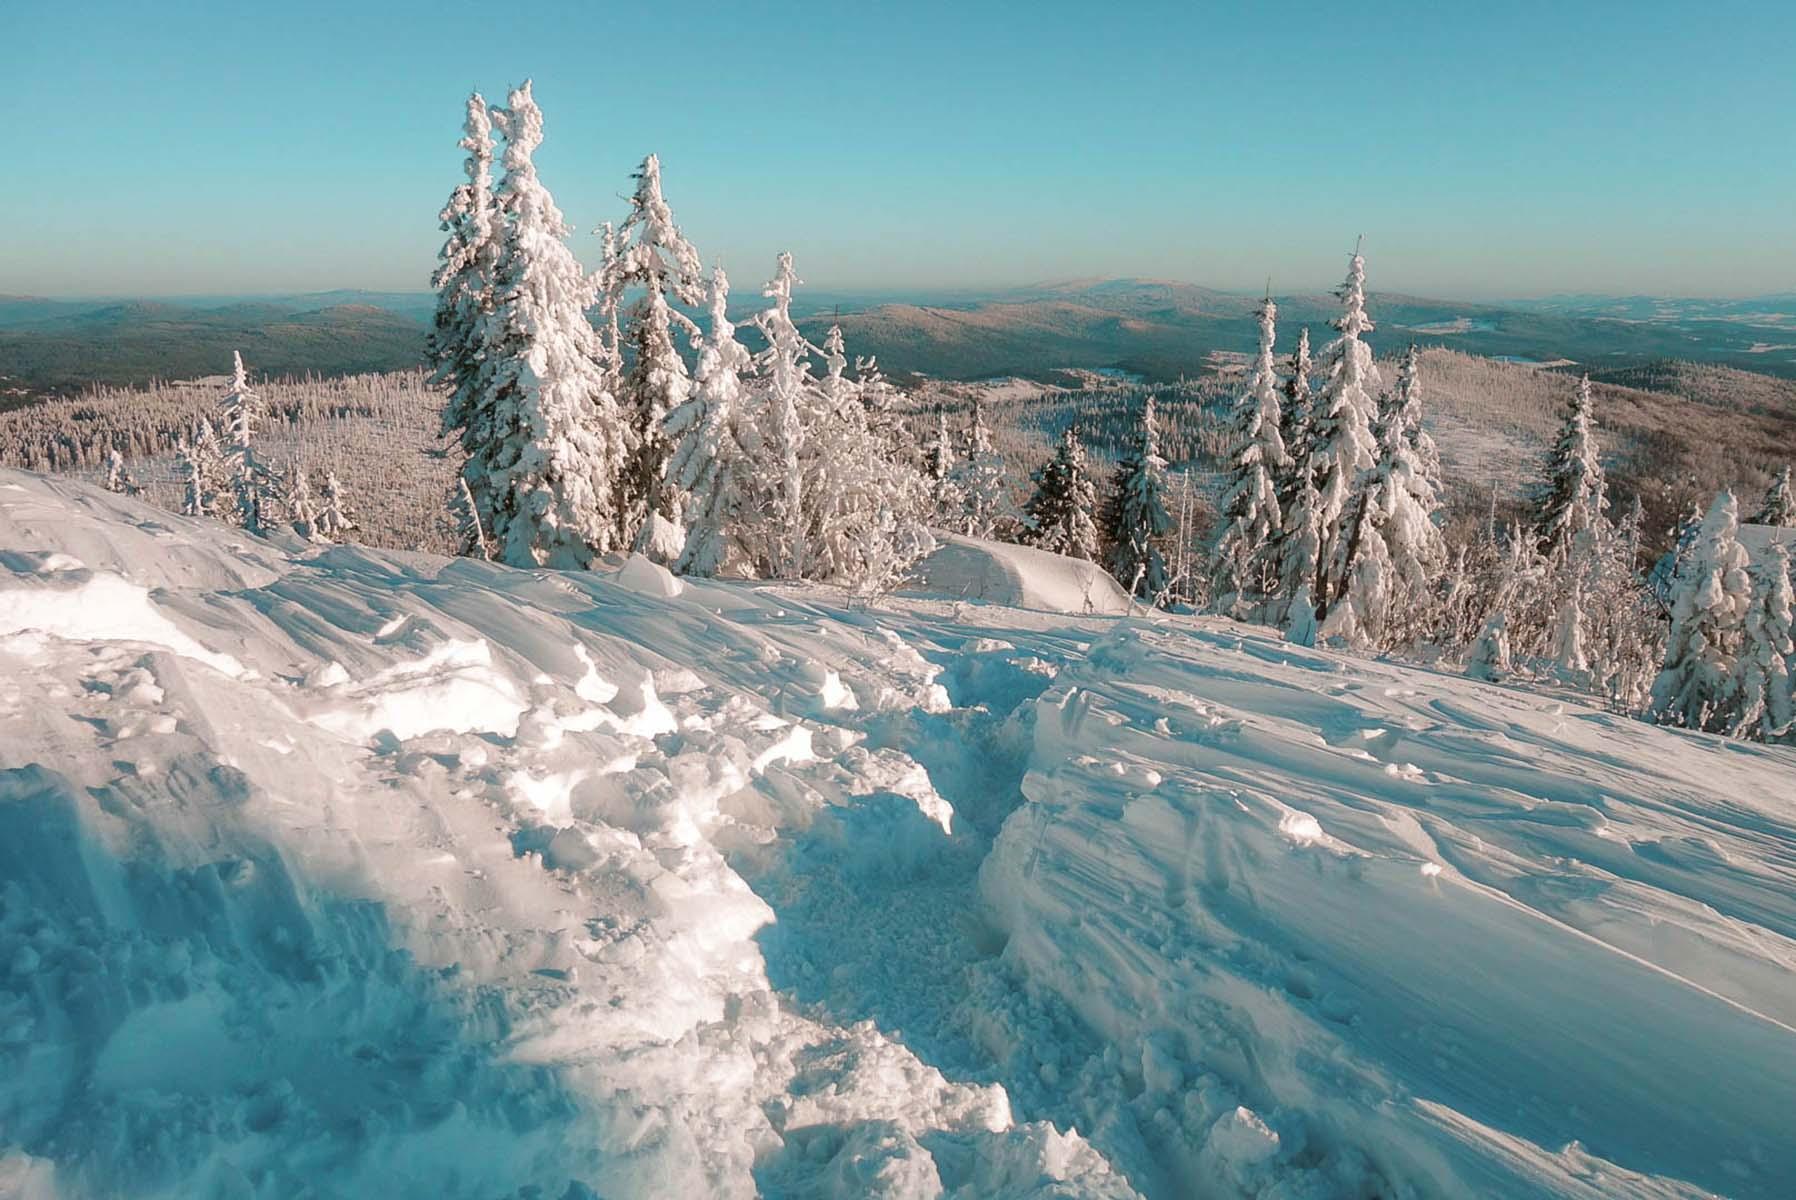 winterwanderung-lusen-winter-schnee-aussicht